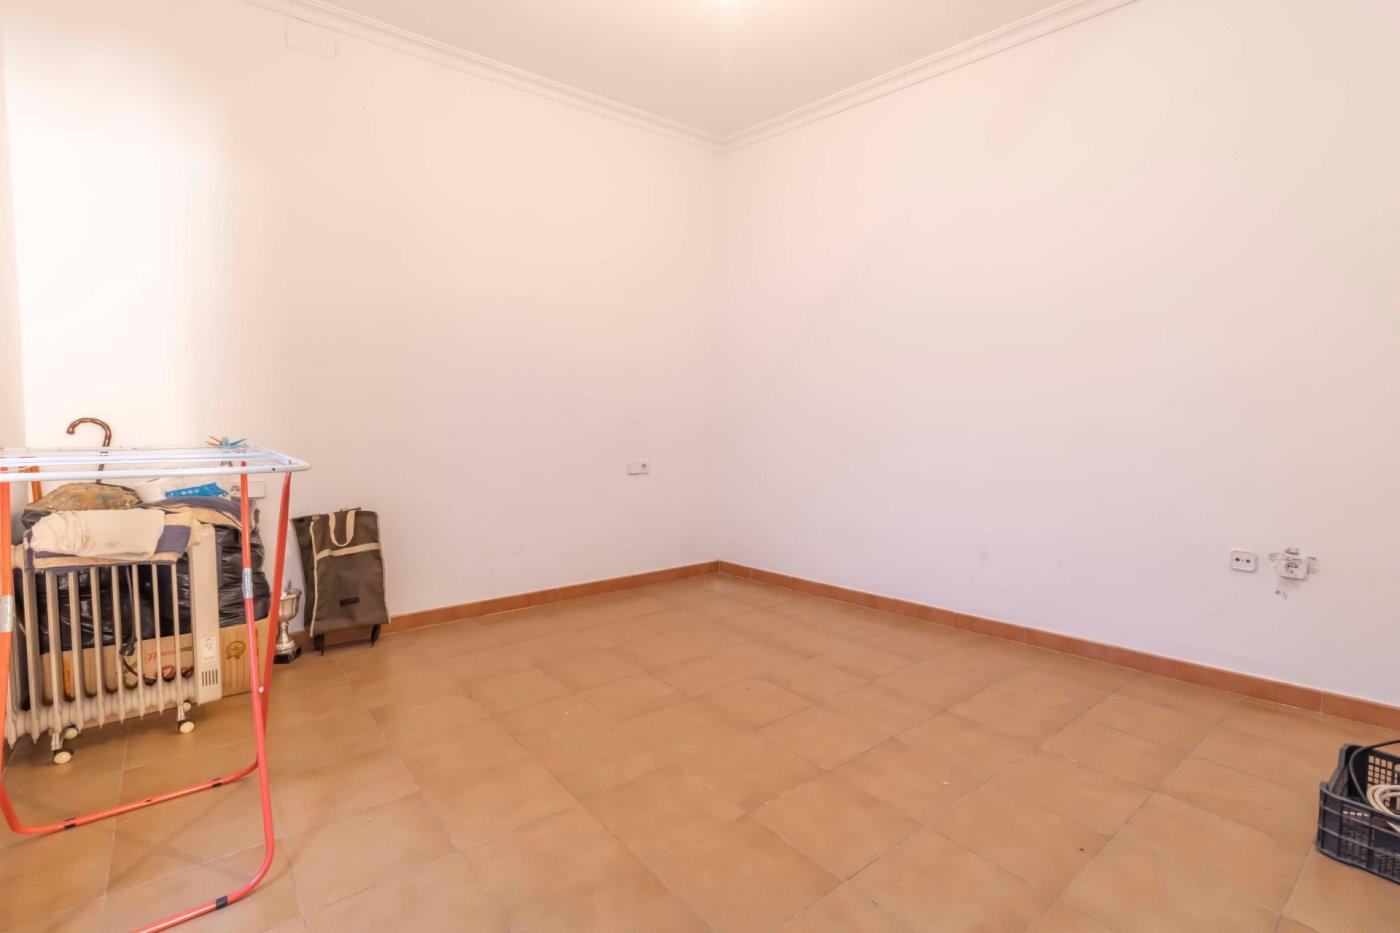 2 pisos a la venta por el precio de uno en zona padre pÍo - imagenInmueble9